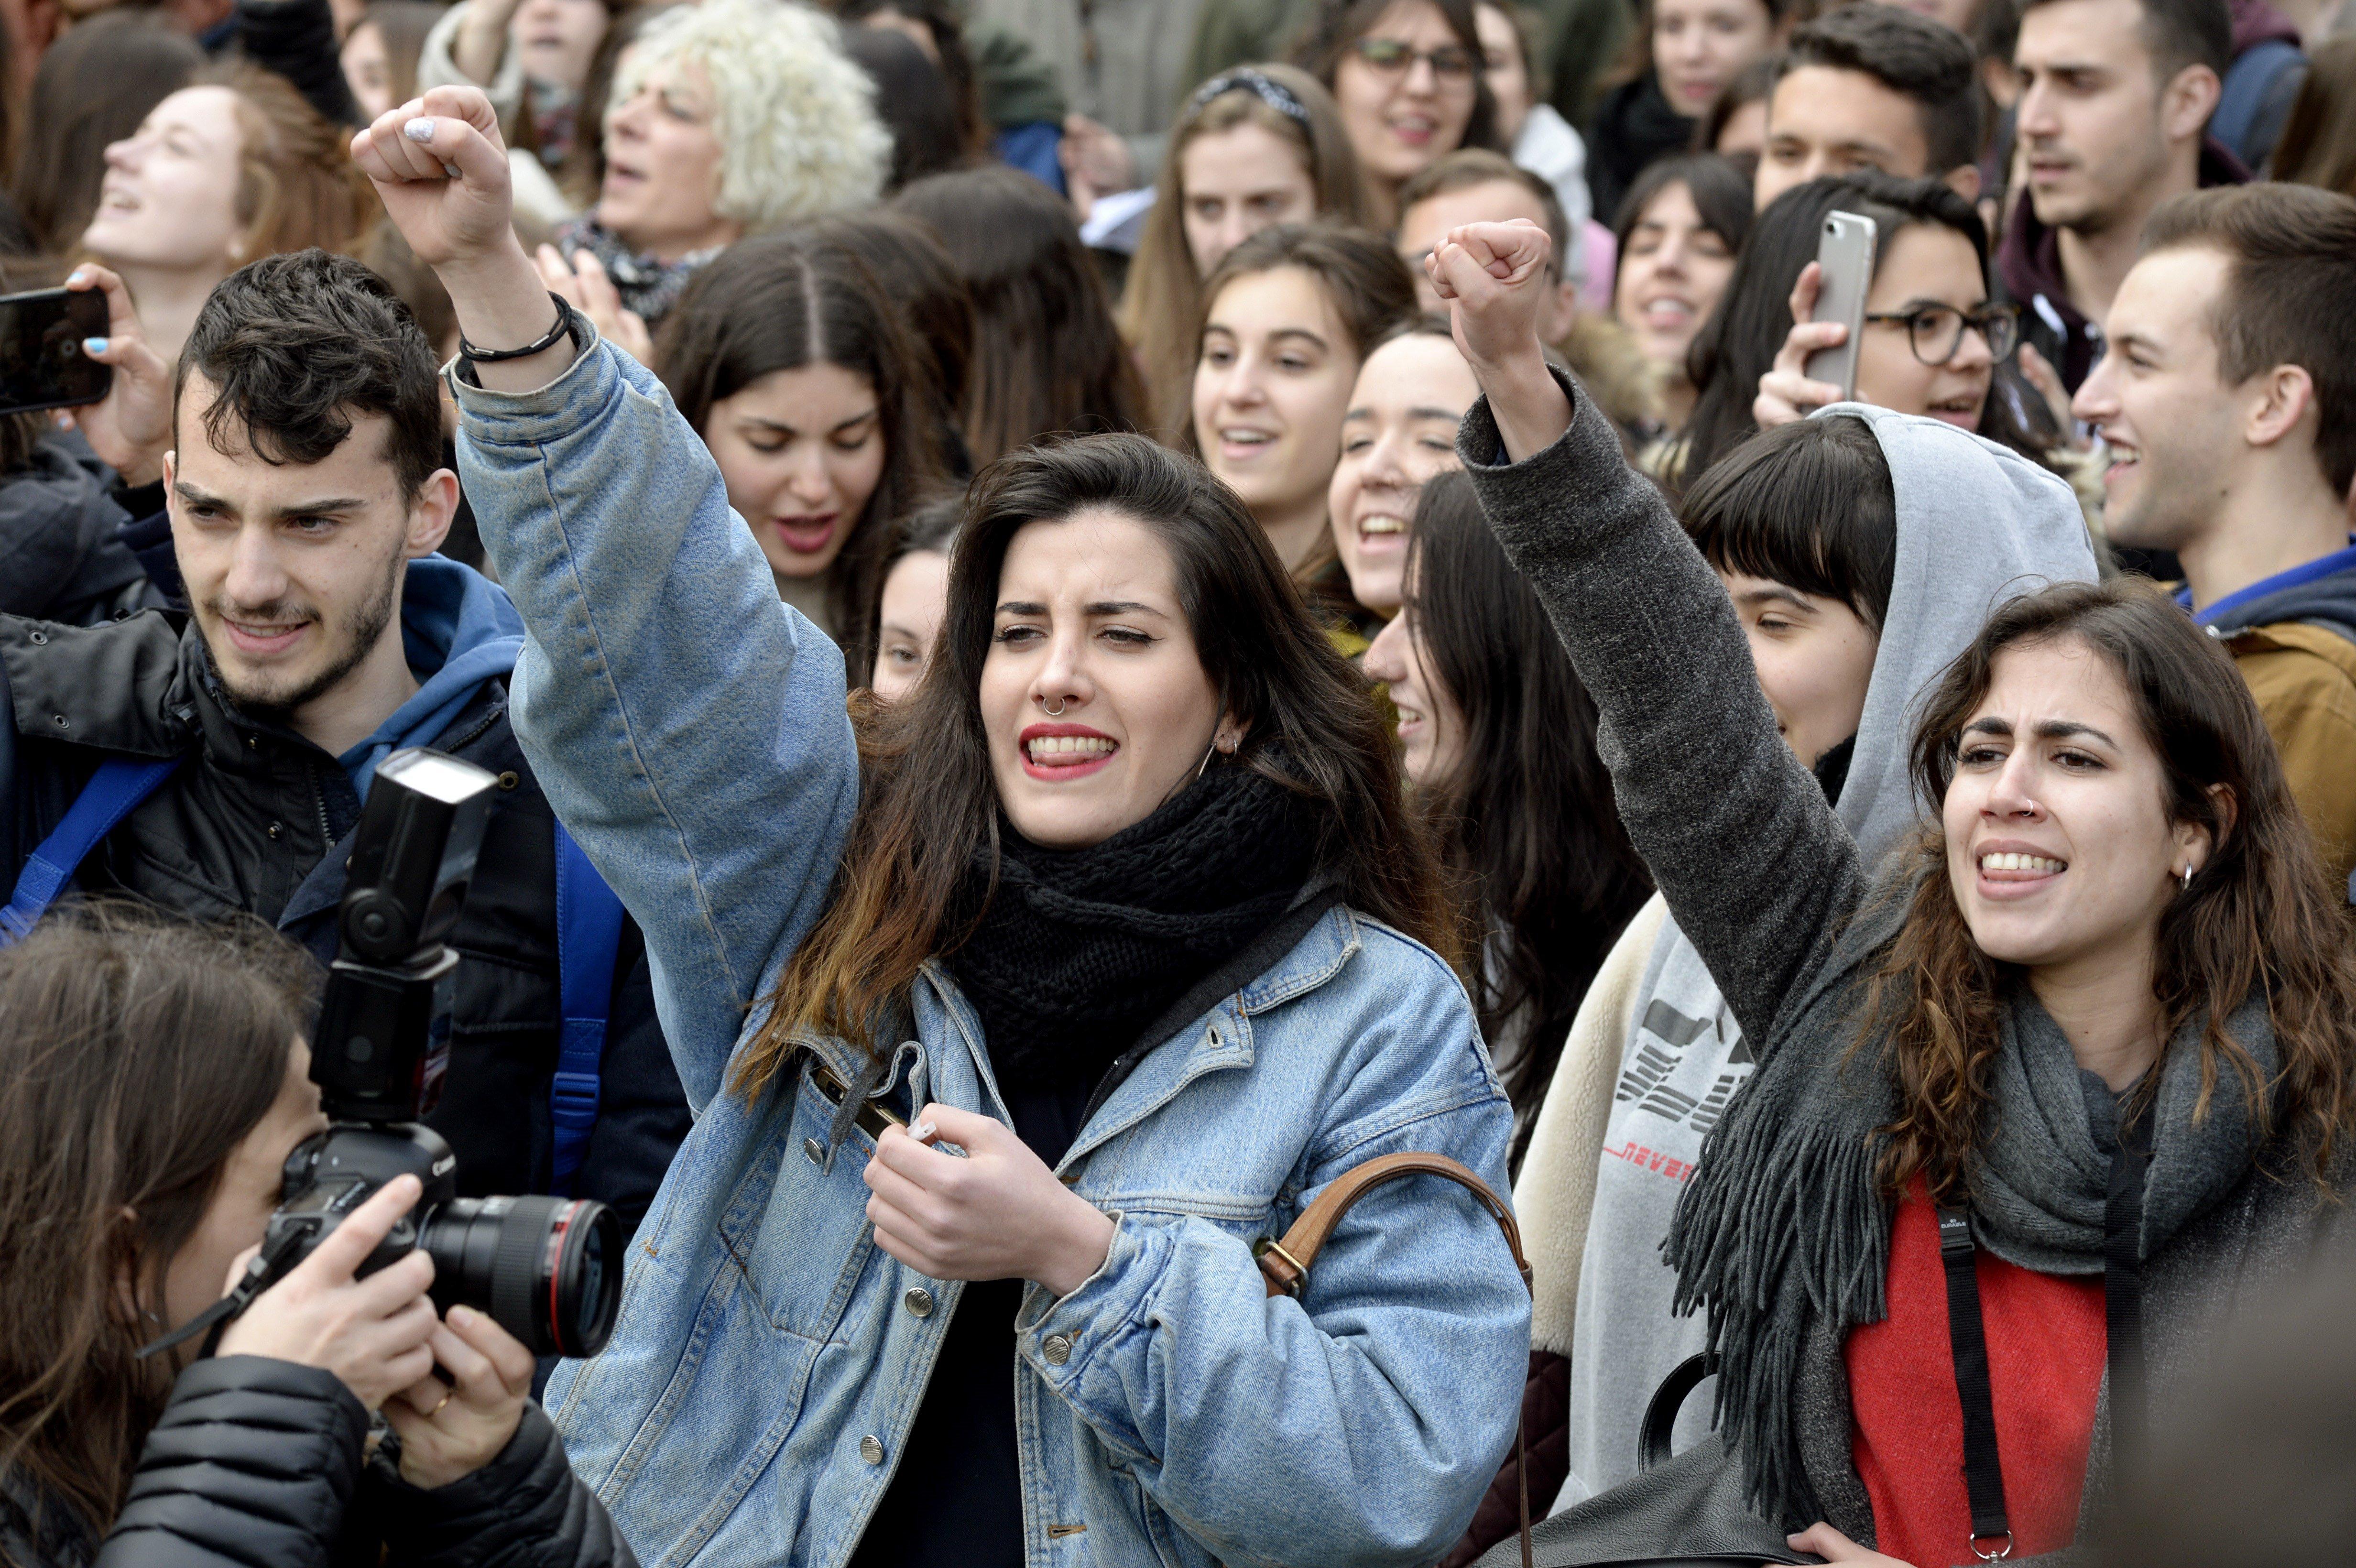 Un grup d'estudiants de la Universitat Rei Juan Carlos (URJC), convocats per les Assemblees d'Estudiants, protesten després de les suposades irregularitats del màster que Cristina Cifuentes va cursar en aquesta universitat. /VÍCTOR LERENA